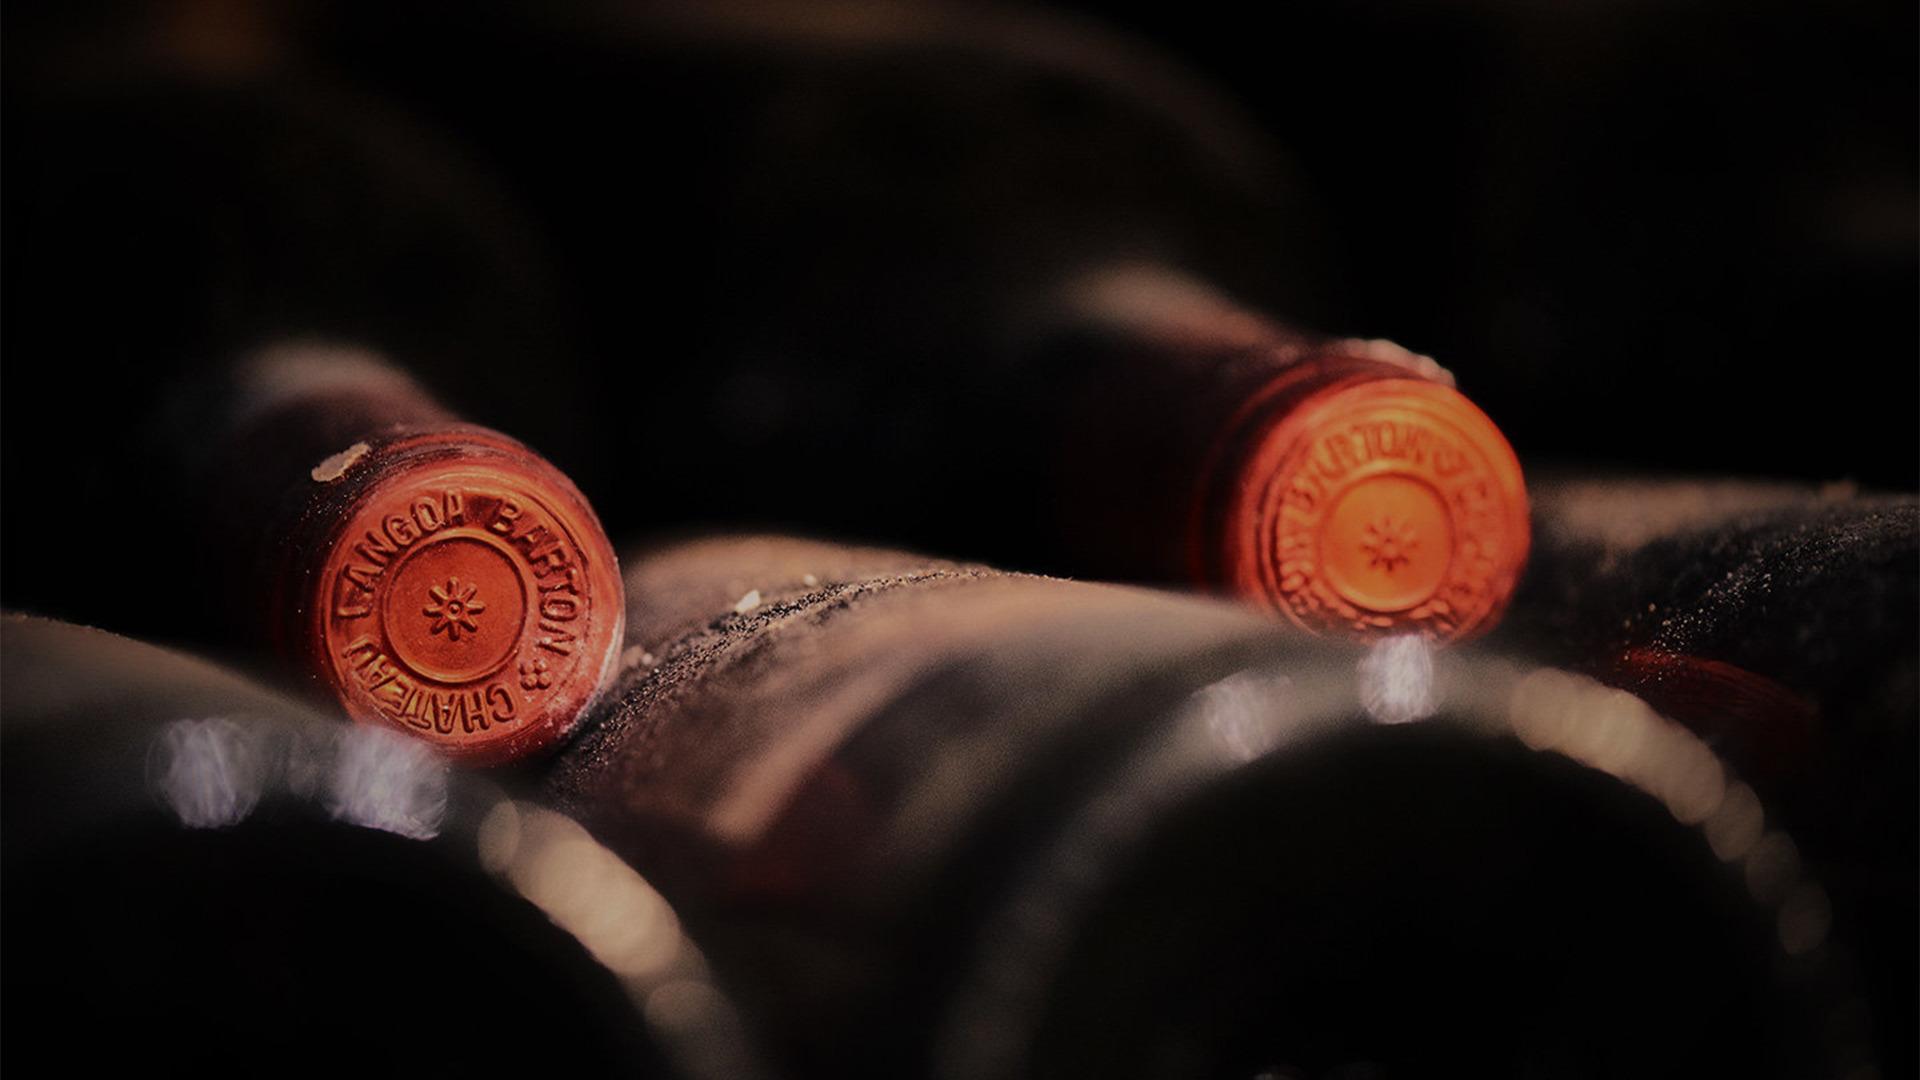 Rượu Vang Chateau Langoa-Barton